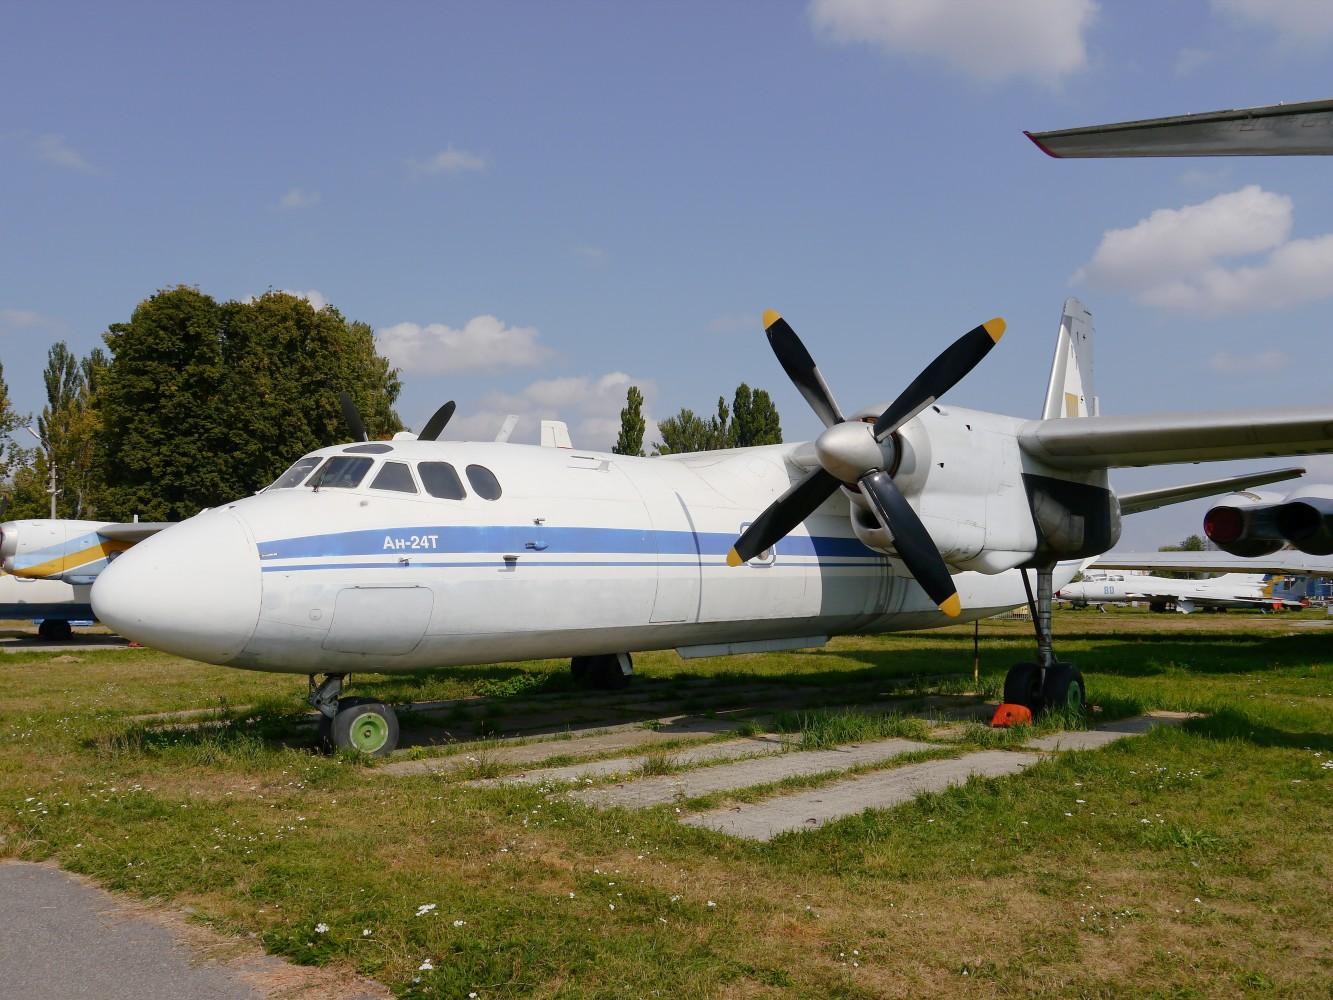 Kliknij obrazek, aby uzyskać większą wersję  Nazwa:An-24T.jpg Wyświetleń:28 Rozmiar:328,3 KB ID:234655